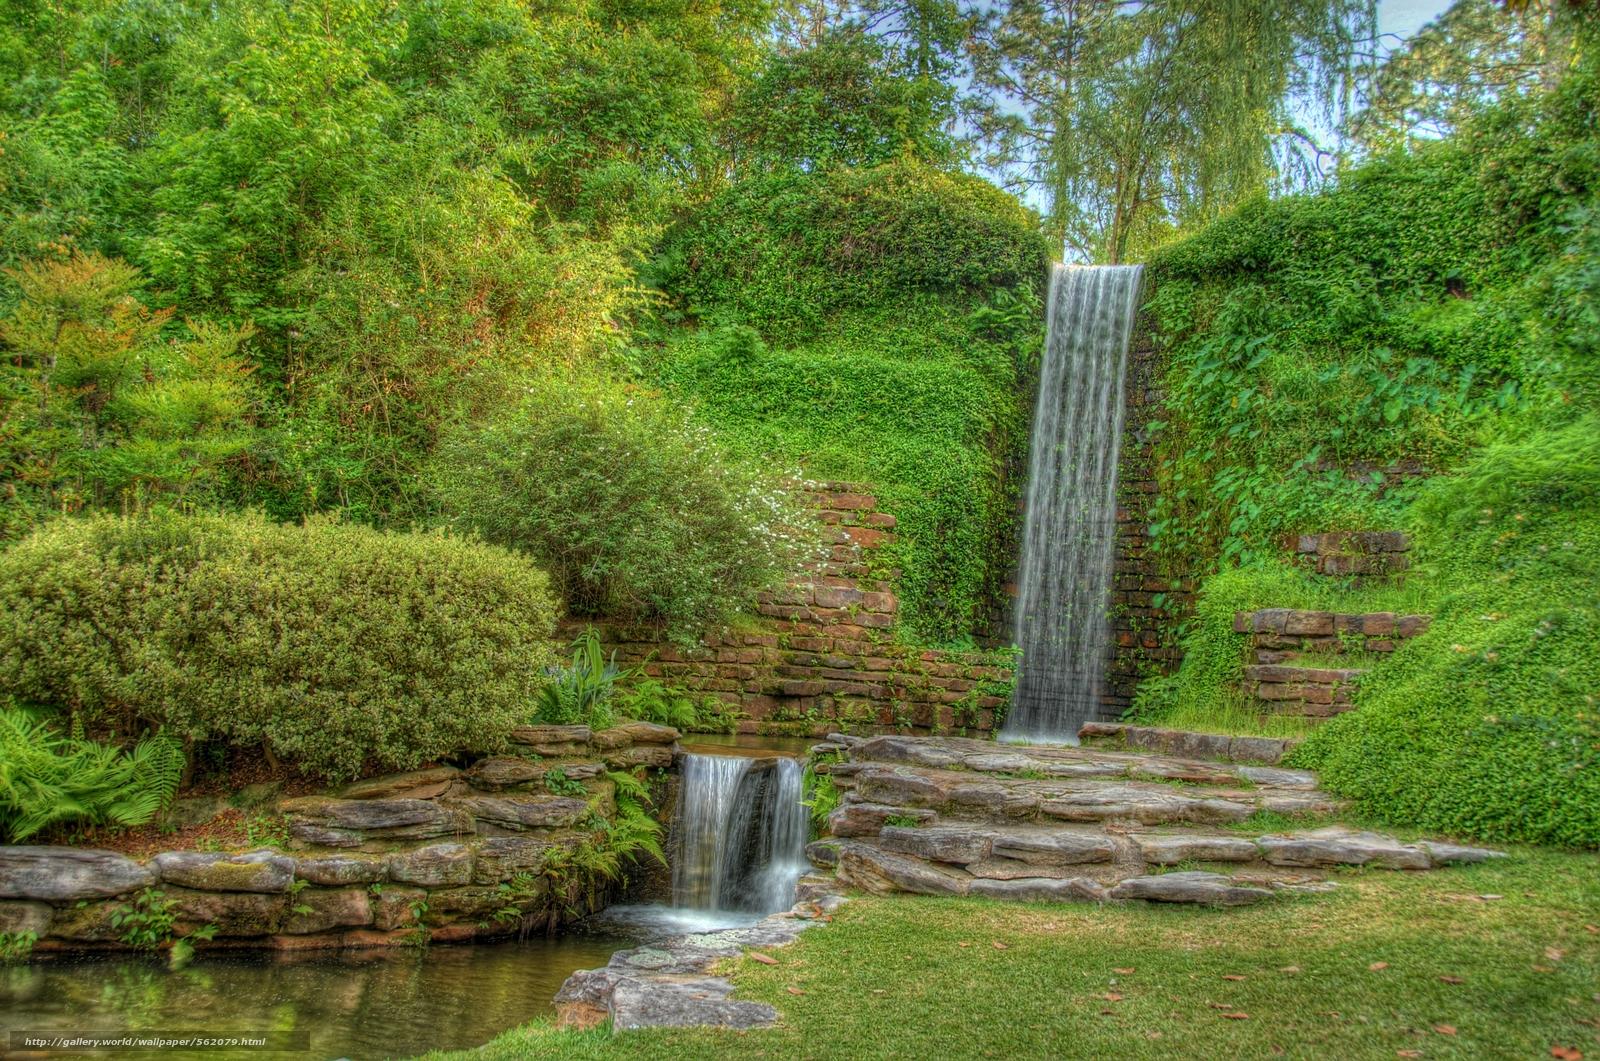 壁紙をダウンロード 庭, 滝, 植物, 木 デスクトップ